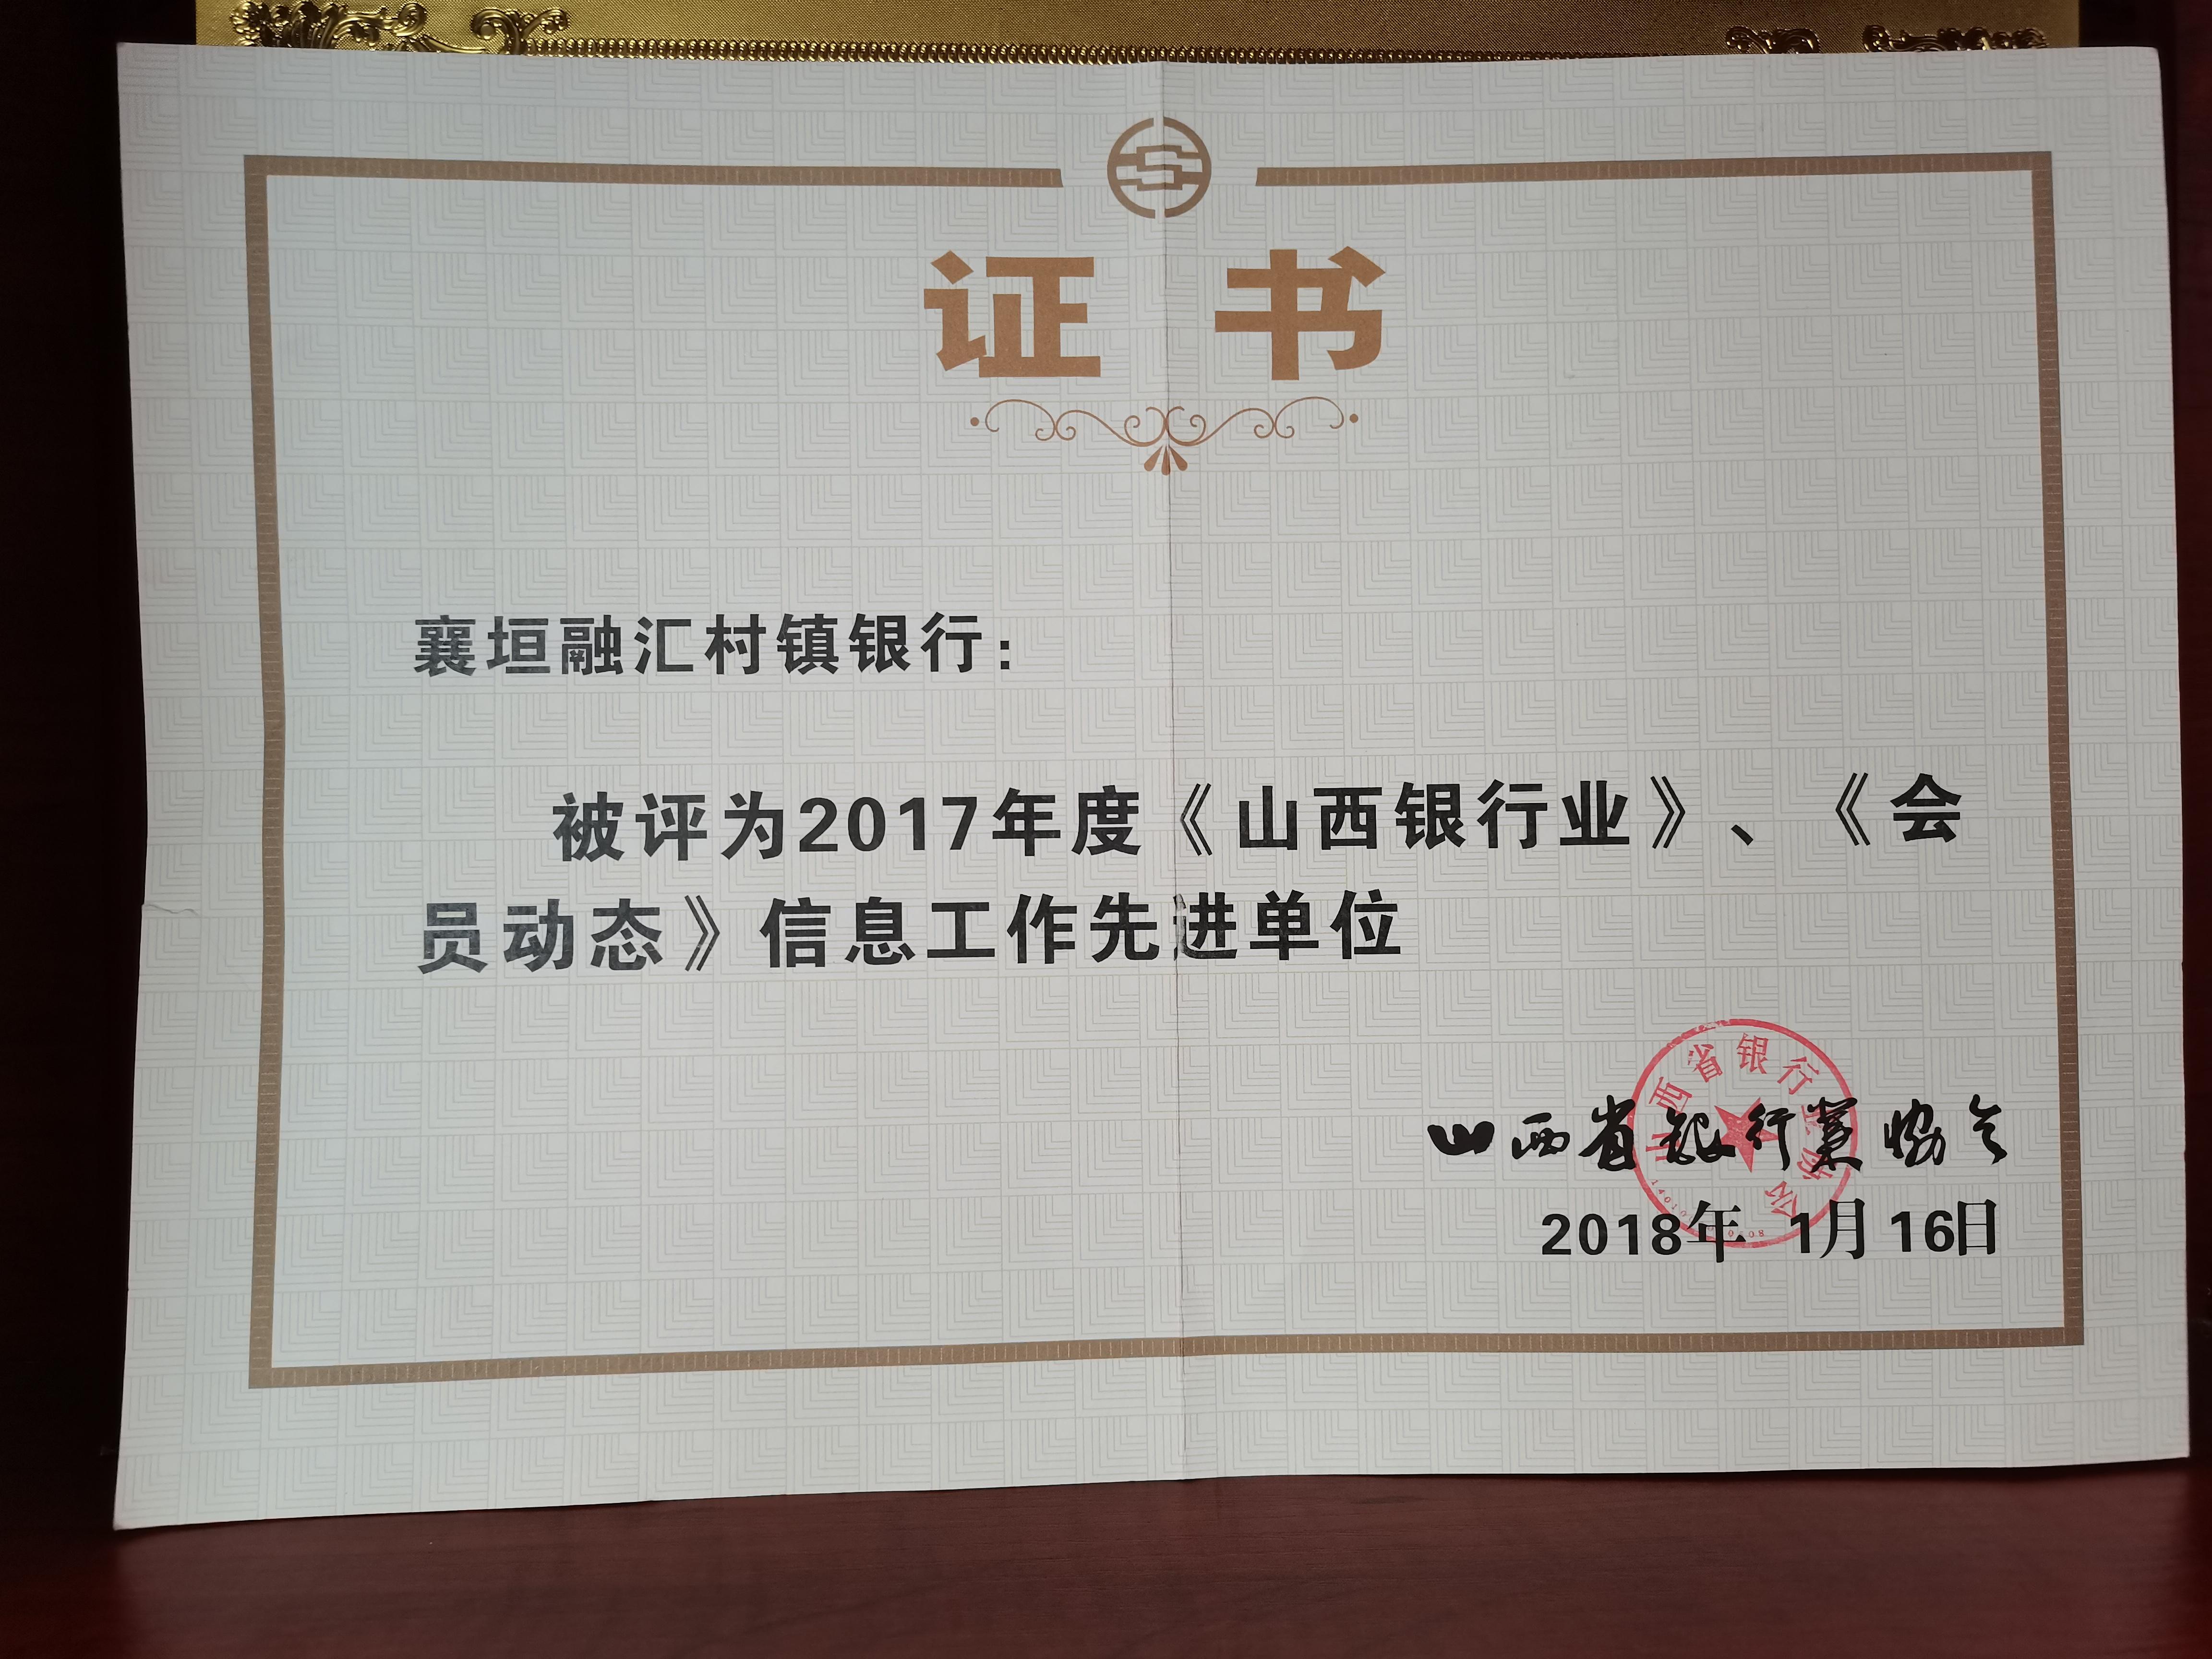 2018年1月16日 榮獲2017年度《山西銀行業》、《會員動態》信息工作先進單位榮譽證書